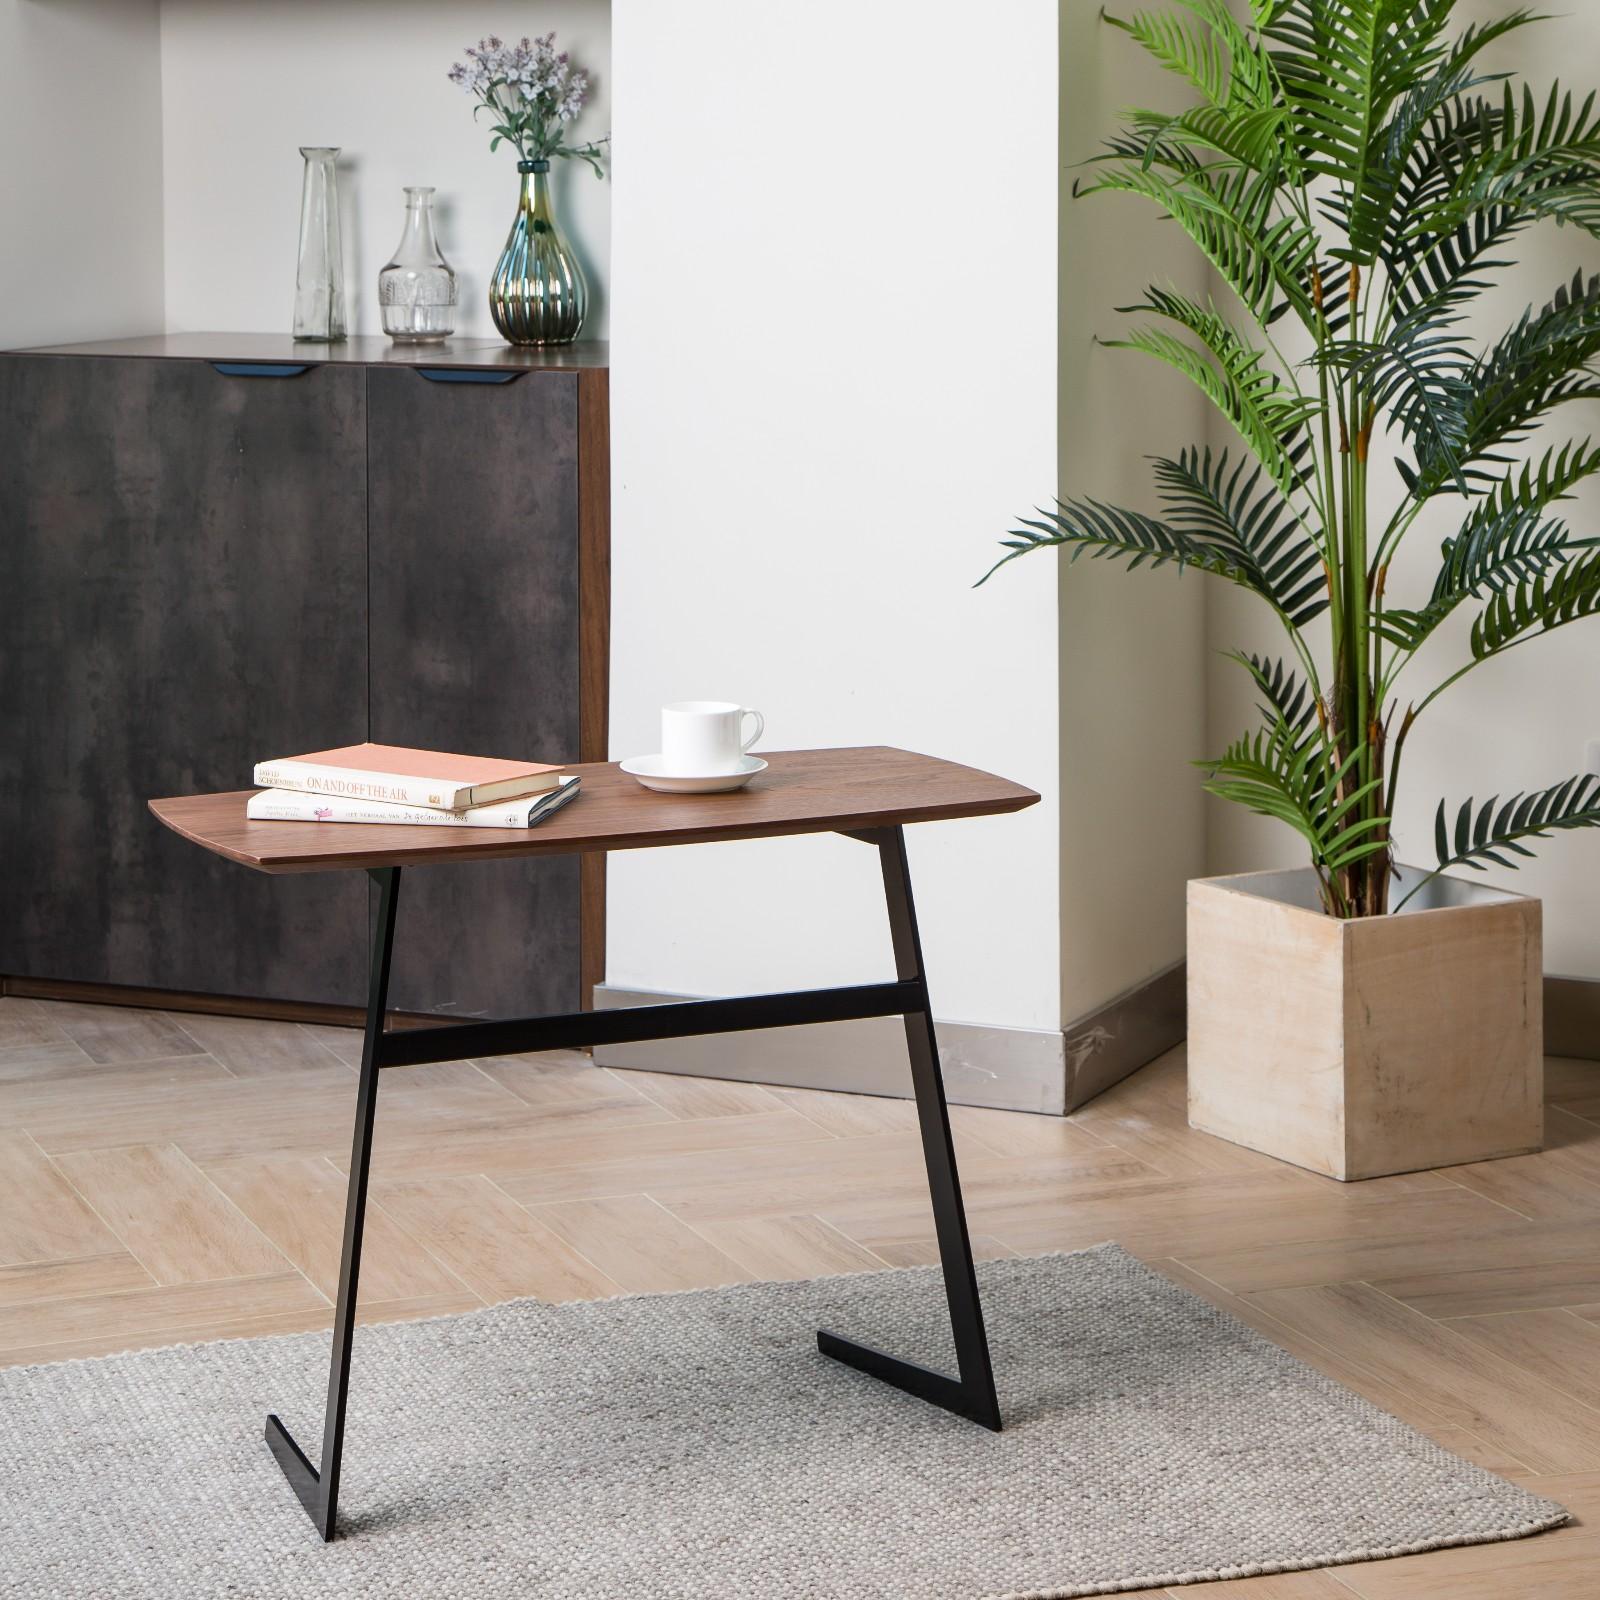 胡桃木咖啡桌,黑色哑光金属桌腿,拆装